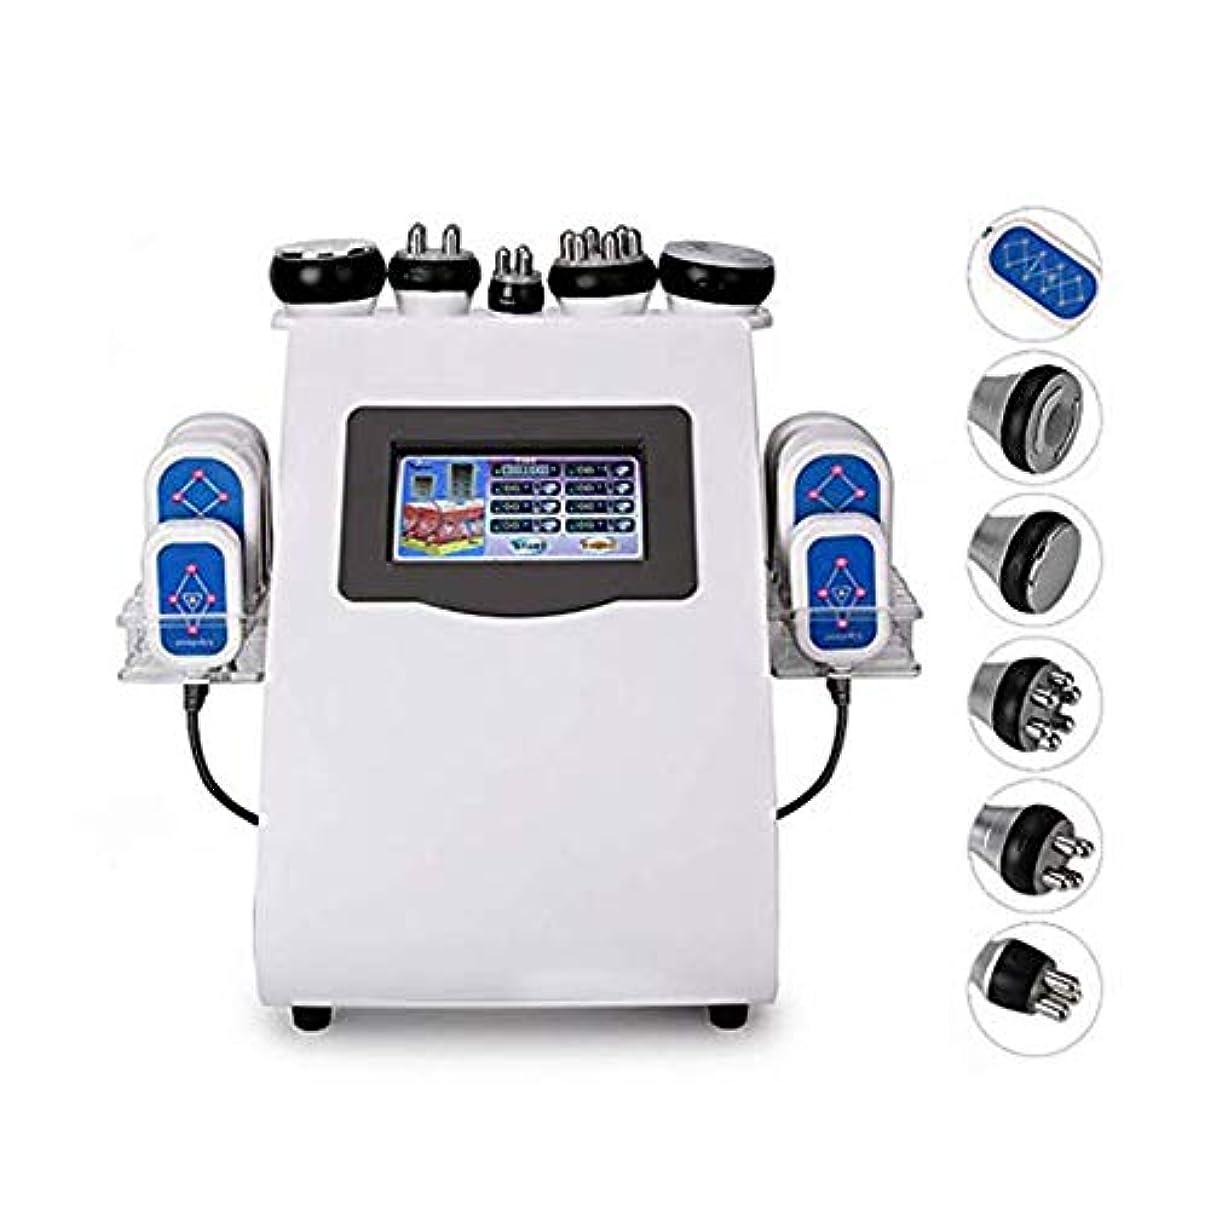 アルファベット重要性サポート超音波キャビテーション抗セルライトネガティブボディ痩身マシン、脂肪燃焼と無線周波数アンチエイジングスキンリフティング引き締めしわ美容機器の除去